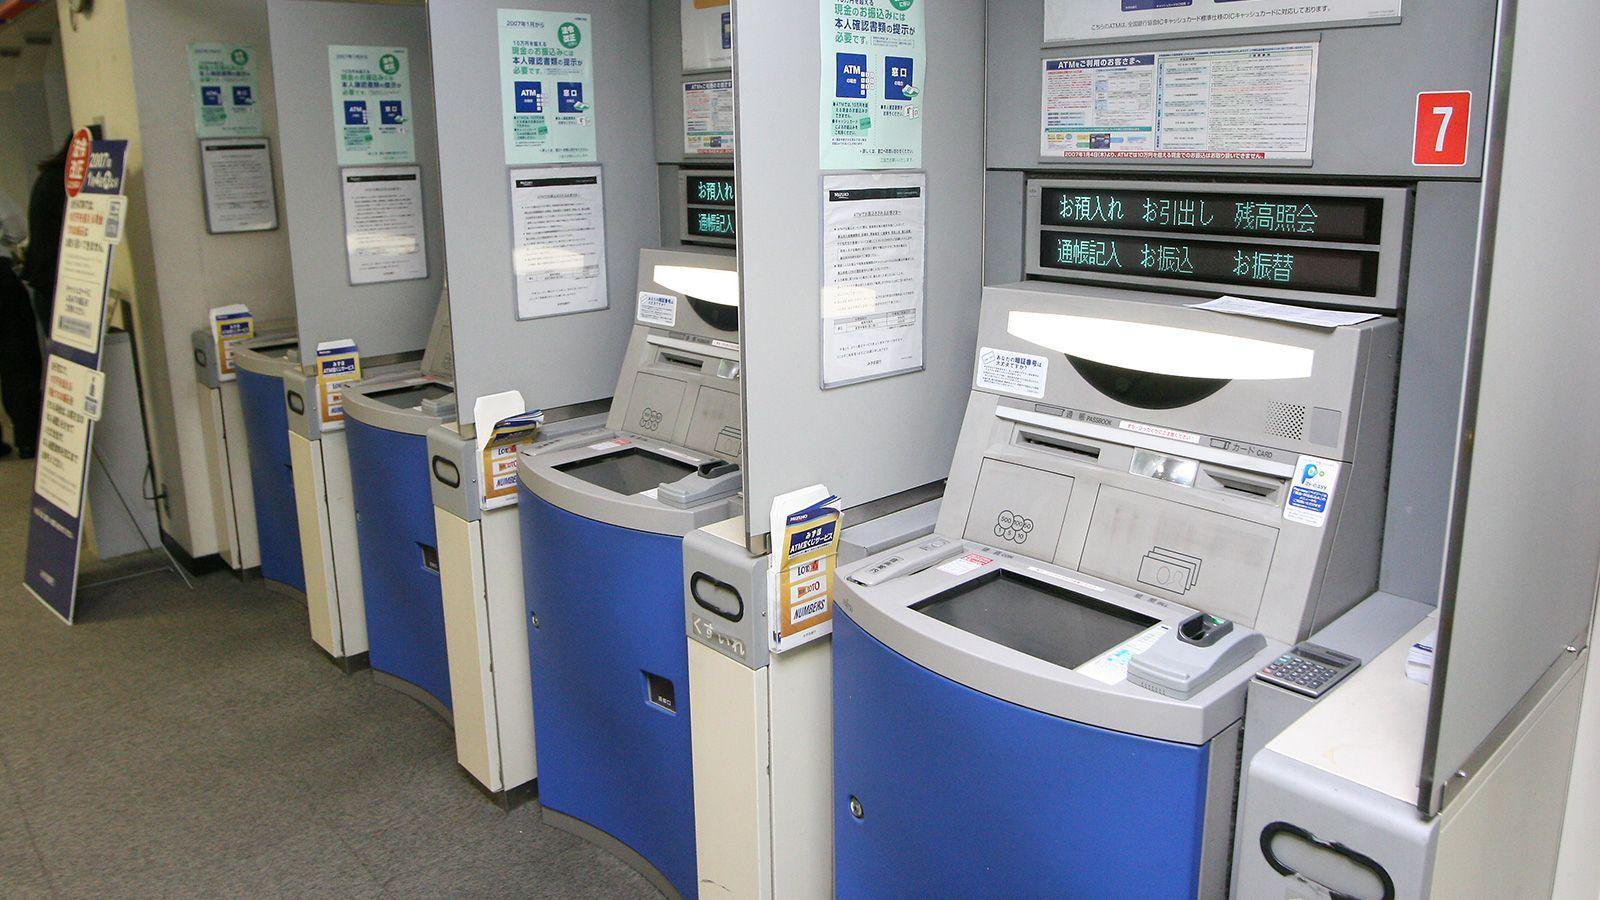 じわじわ値上げ、銀行ATM手数料はどうなるか   AERA dot.   東洋経済 ...